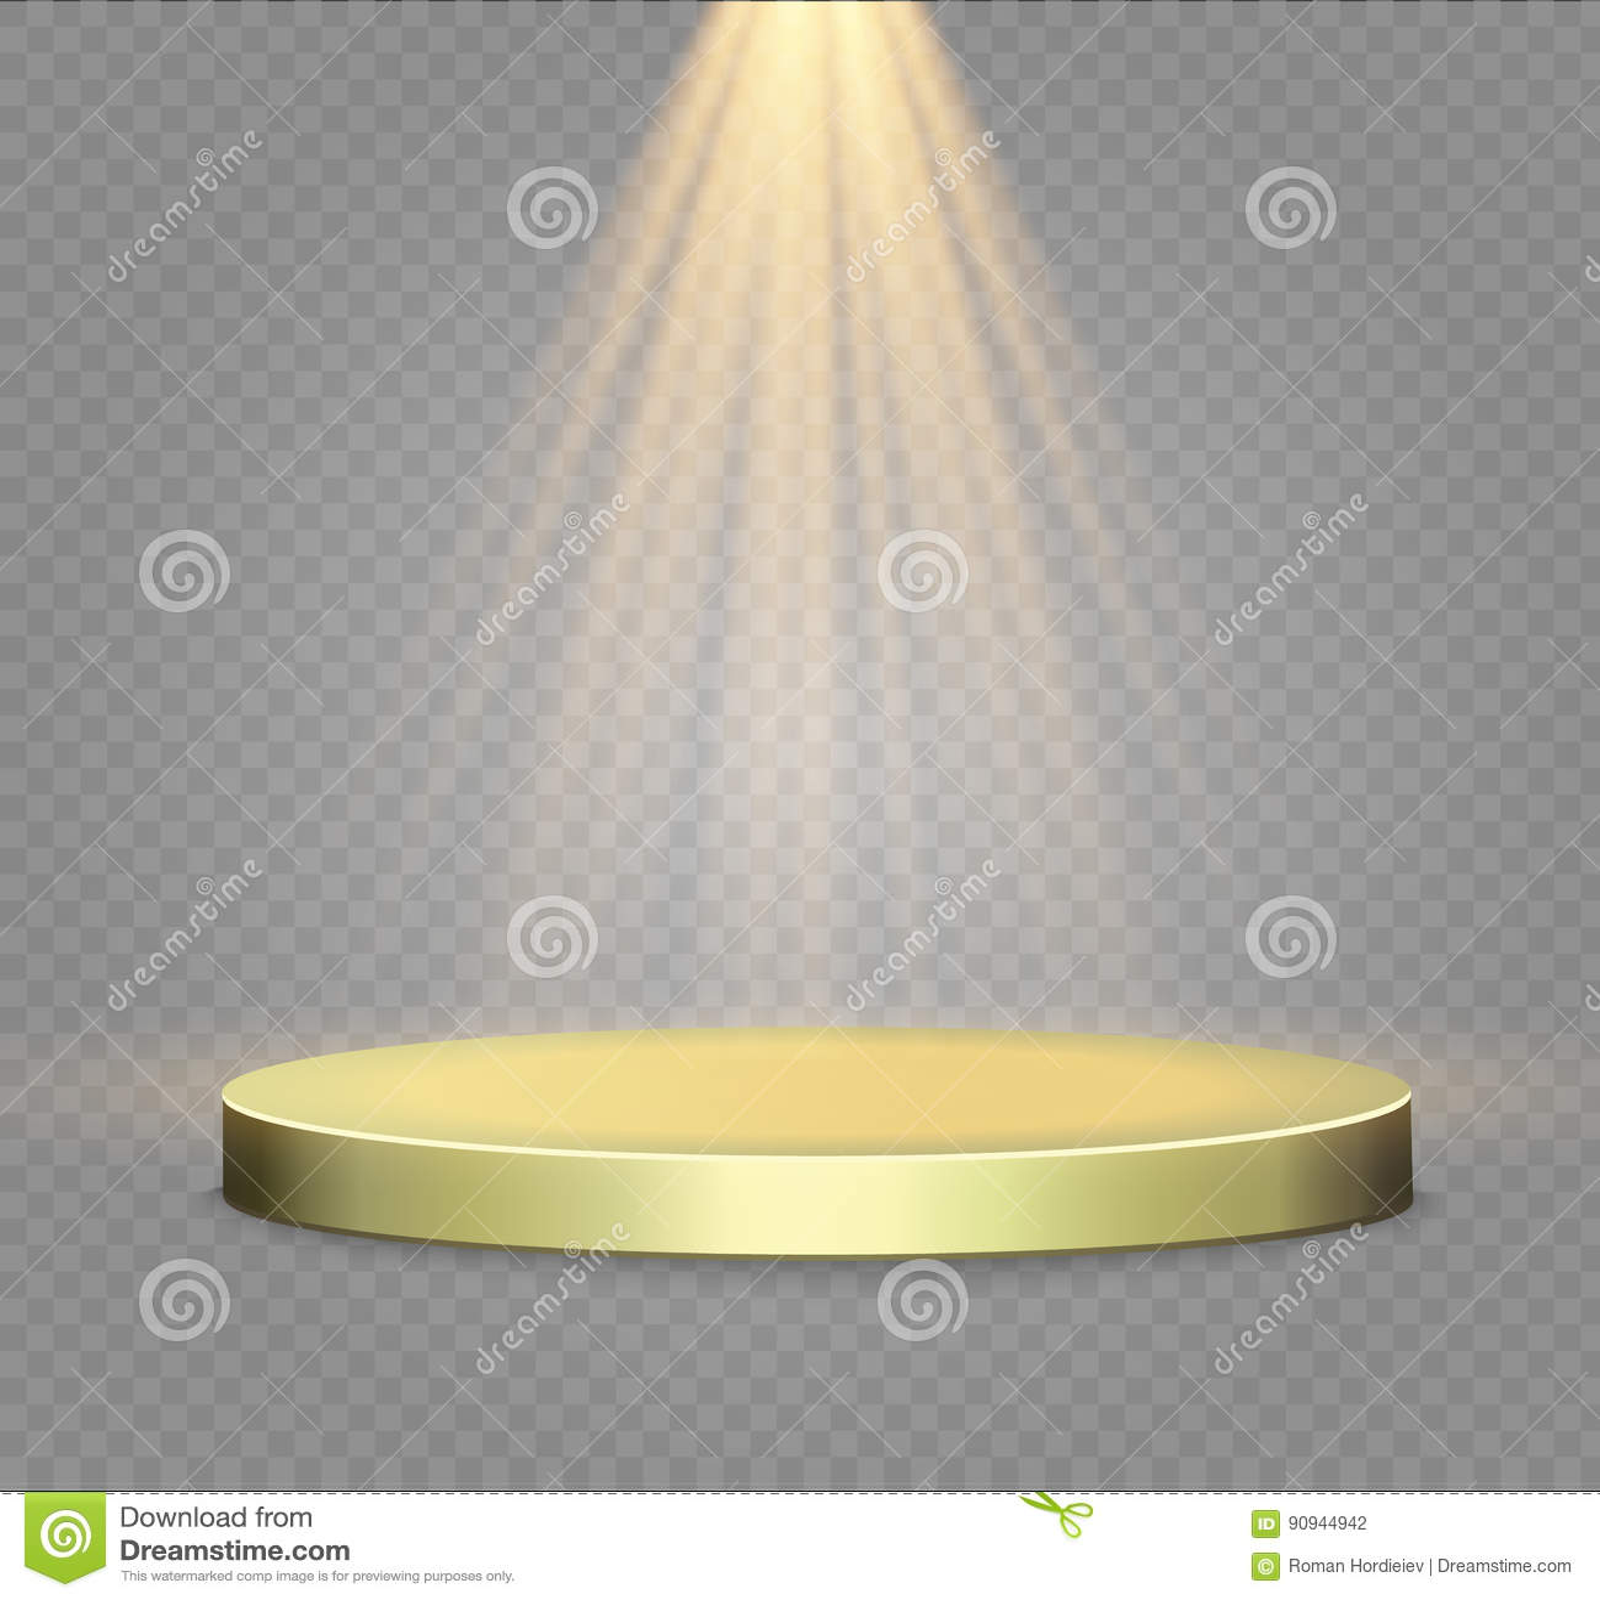 Gouden podium op een transparante achtergrond het podium van winnaars met verstralers Schijnwerper